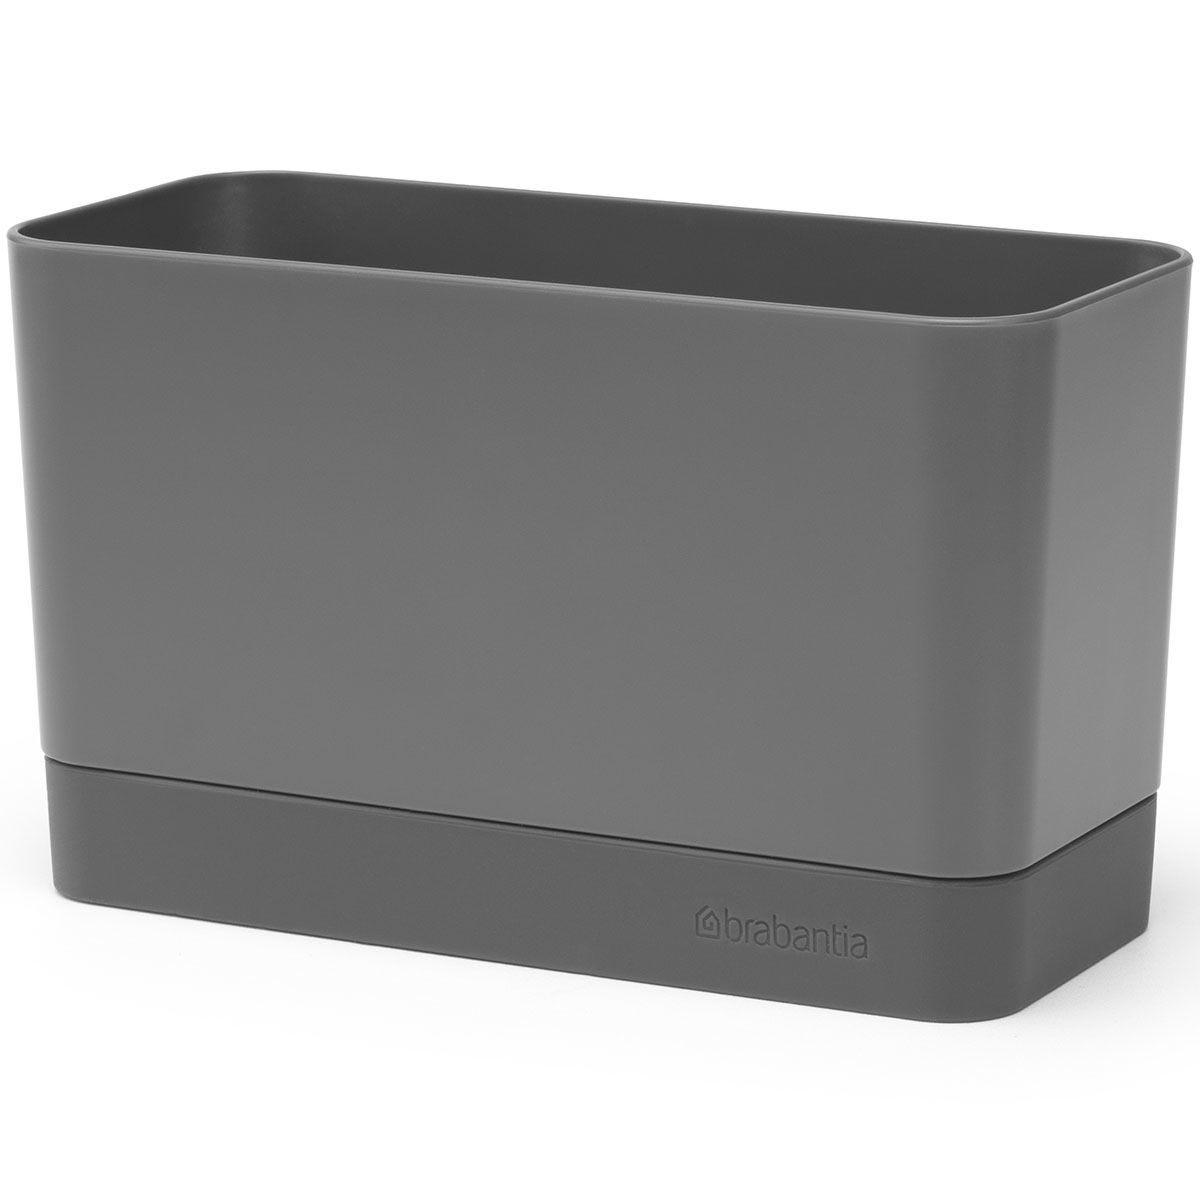 Brabantia Sink Organiser - Grey